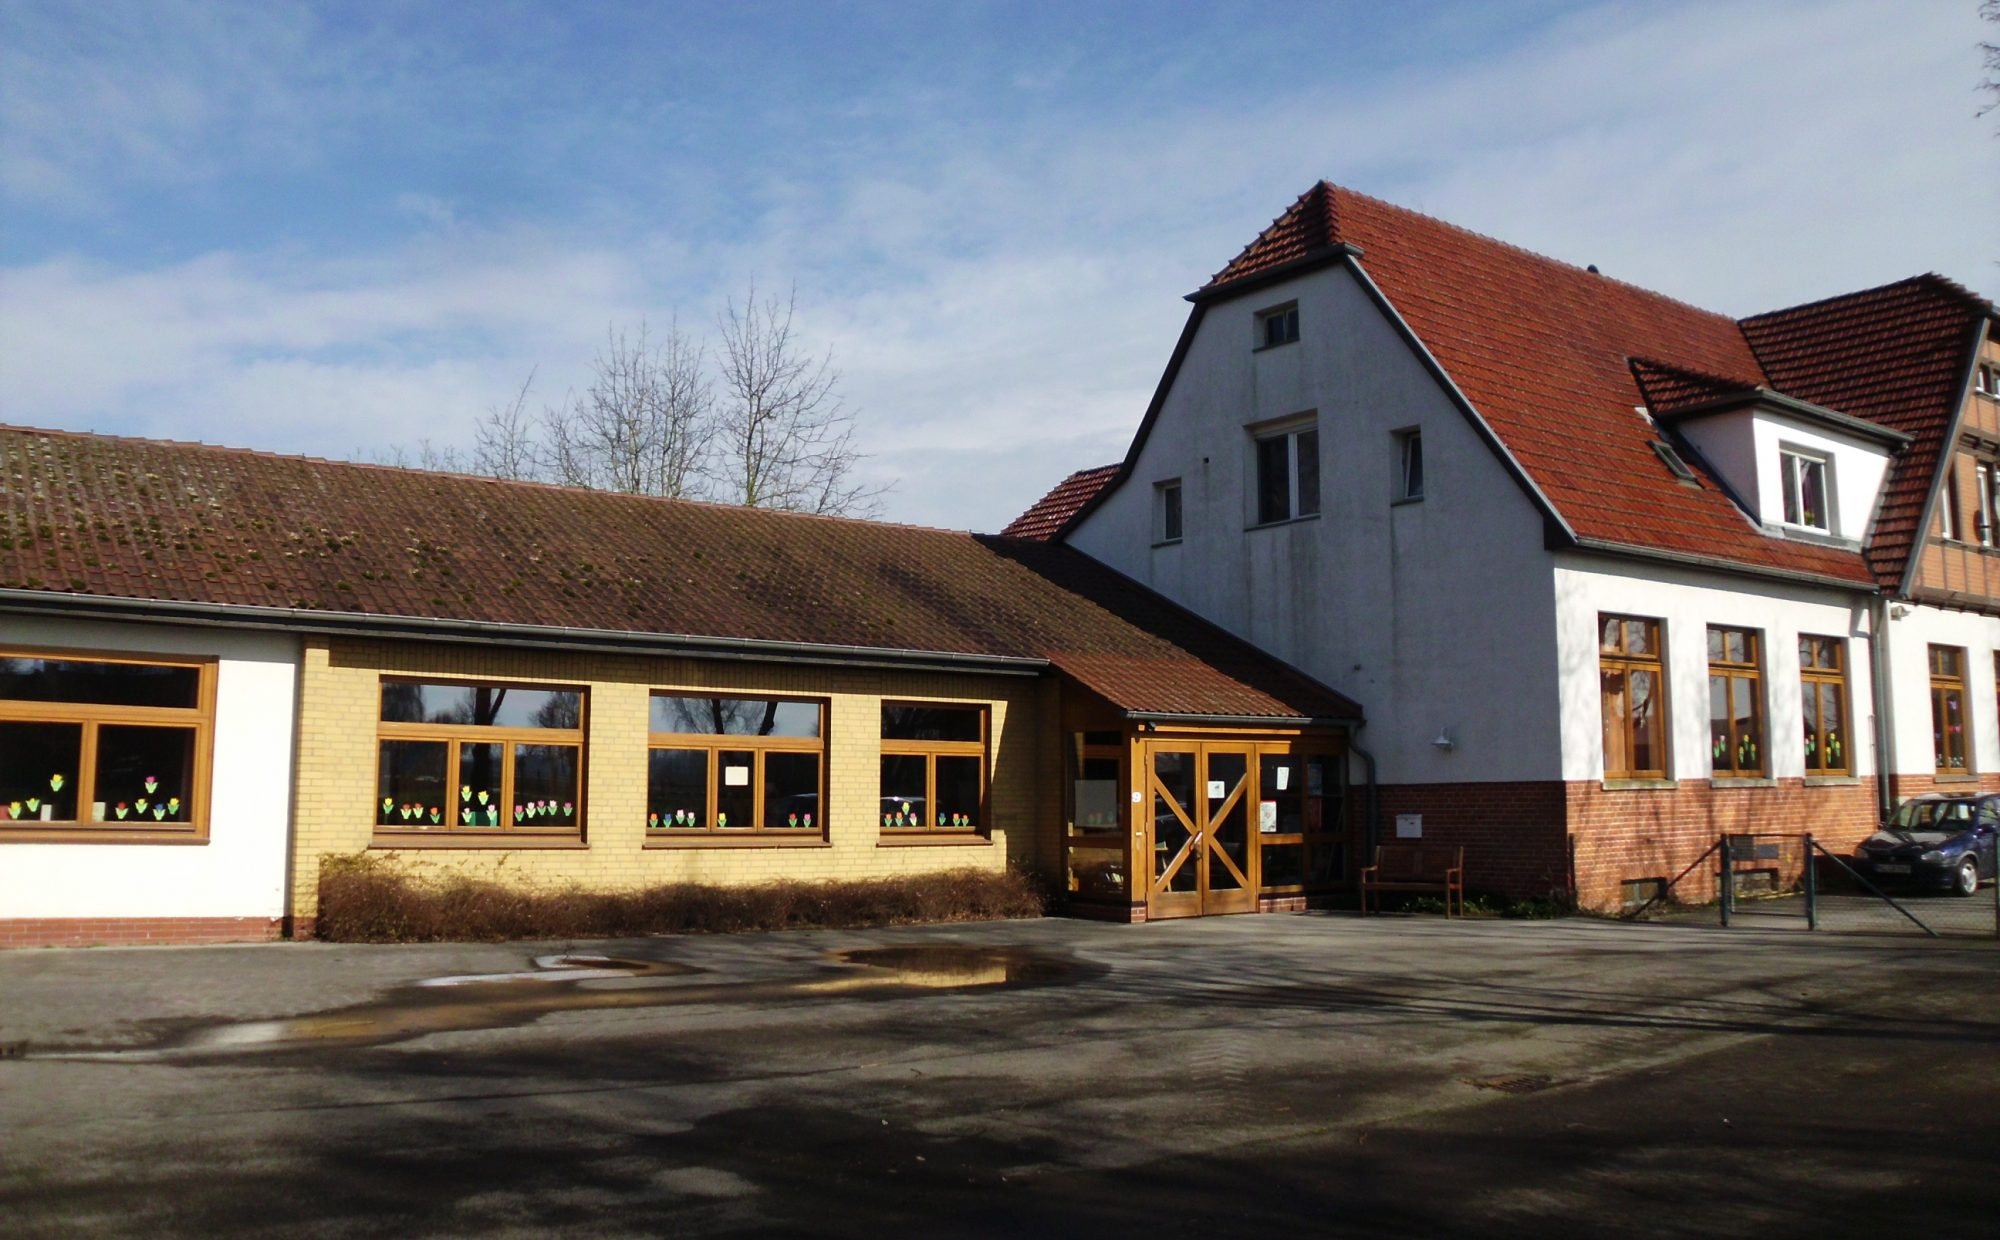 Evanglischer Kindergarten Ilse